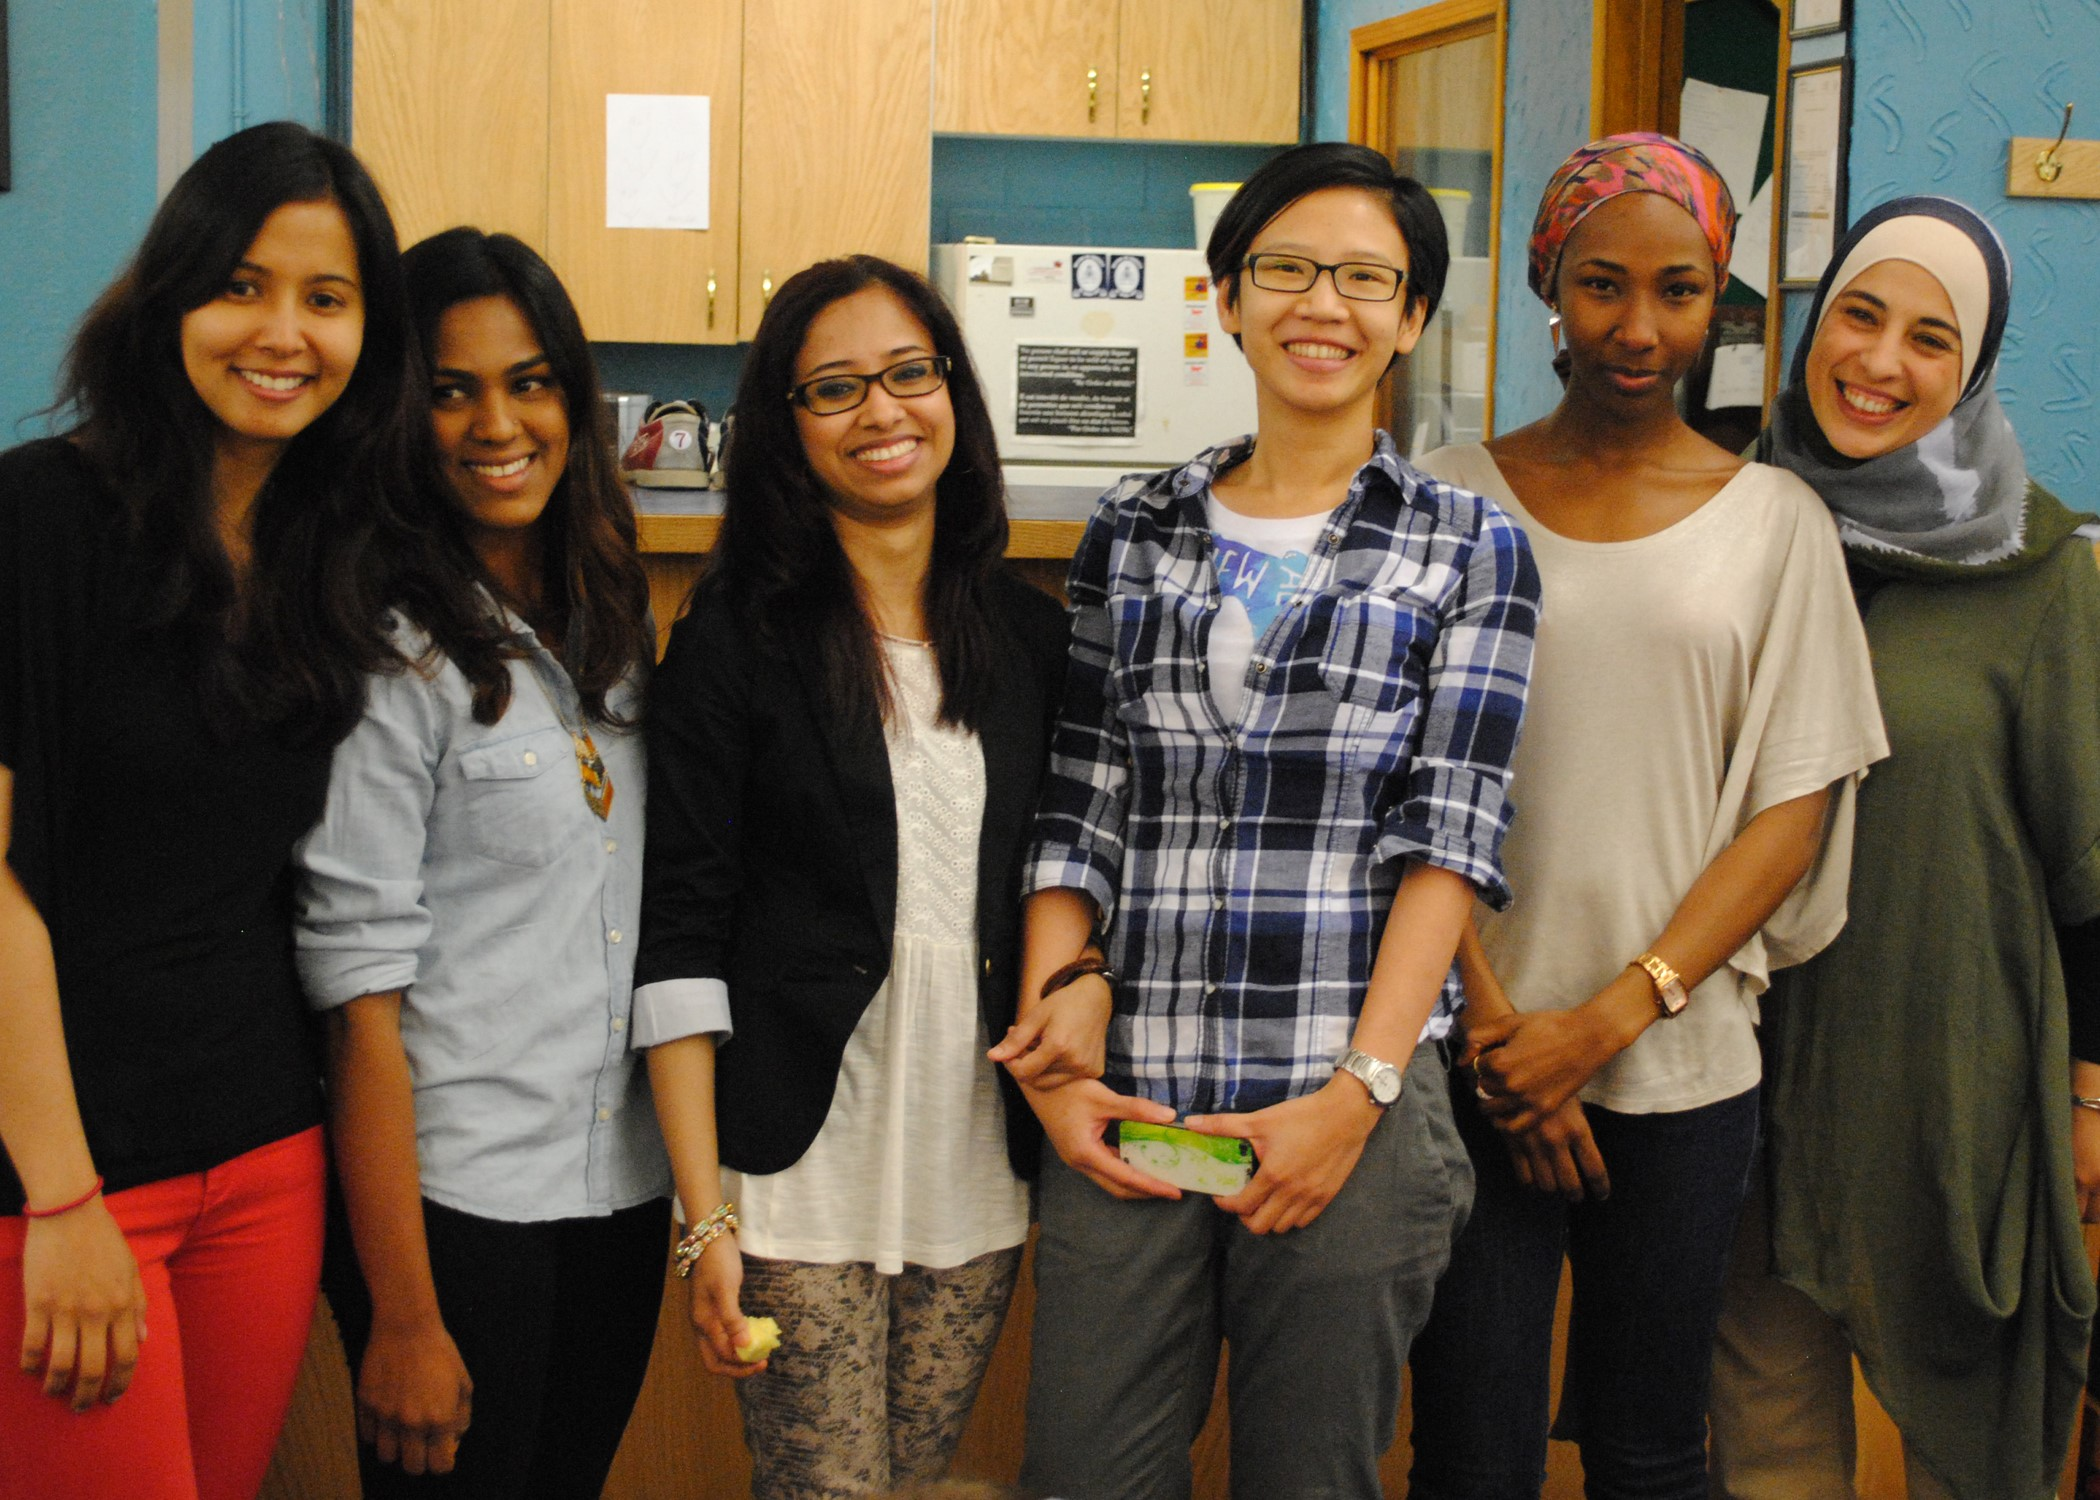 (L-R): Nirmal Randhawa, Alison Lopez, Ripa Akter, Sin Ling Lim, Mariam Shehu and Suha Masalmeh